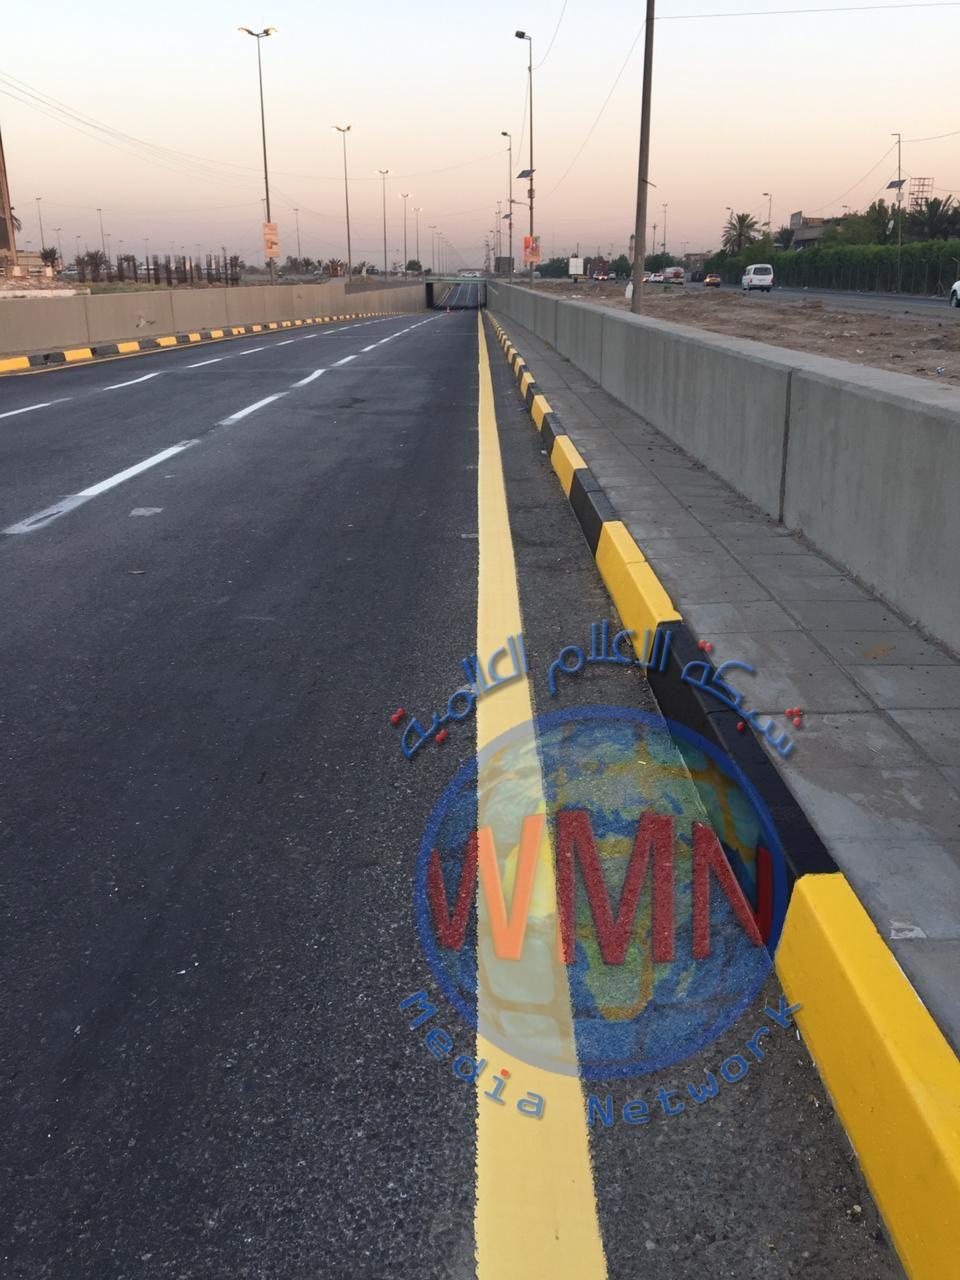 امانة بغداد : افتتاح نفق المظفر رسمياً غدا الاحد